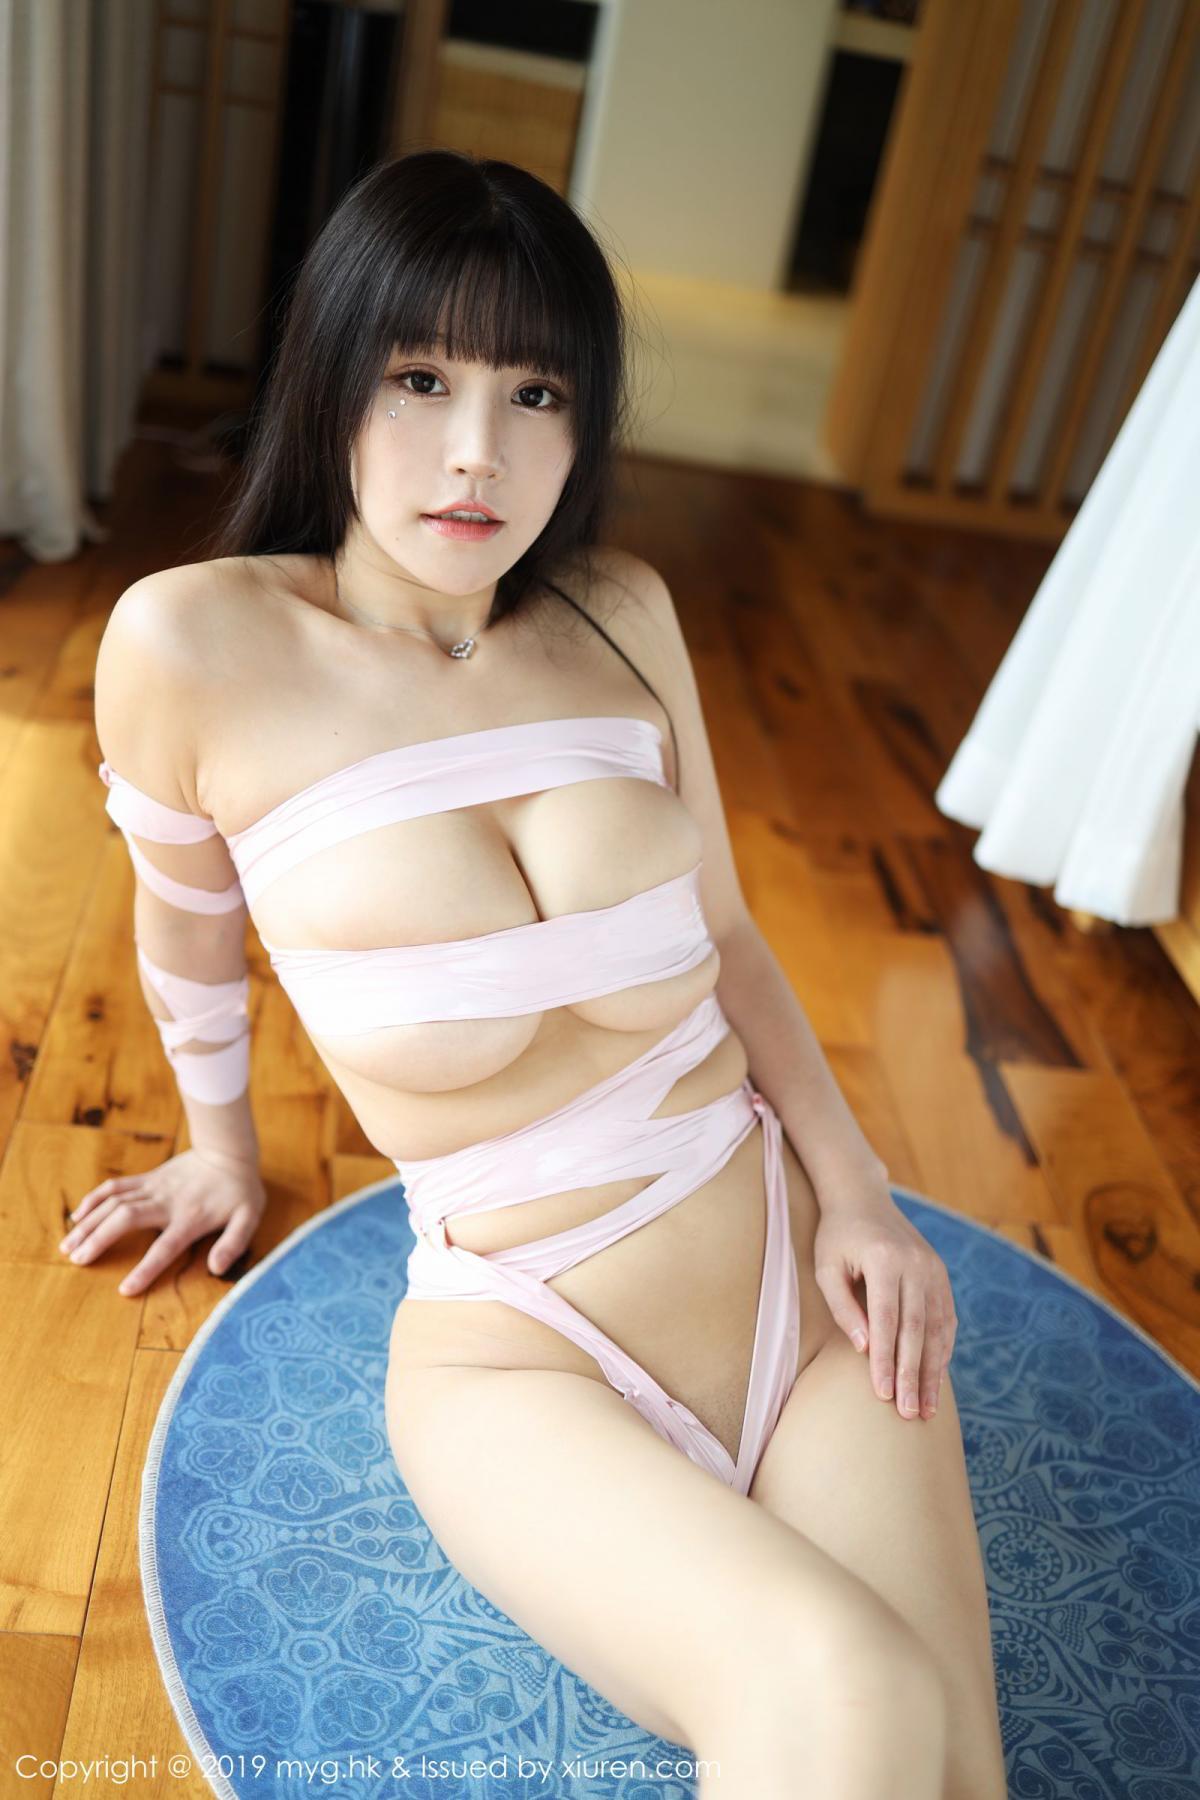 [MyGirl] Vol.366 Zhu Ke Er 14P, mygirl, Zhu Ke Er